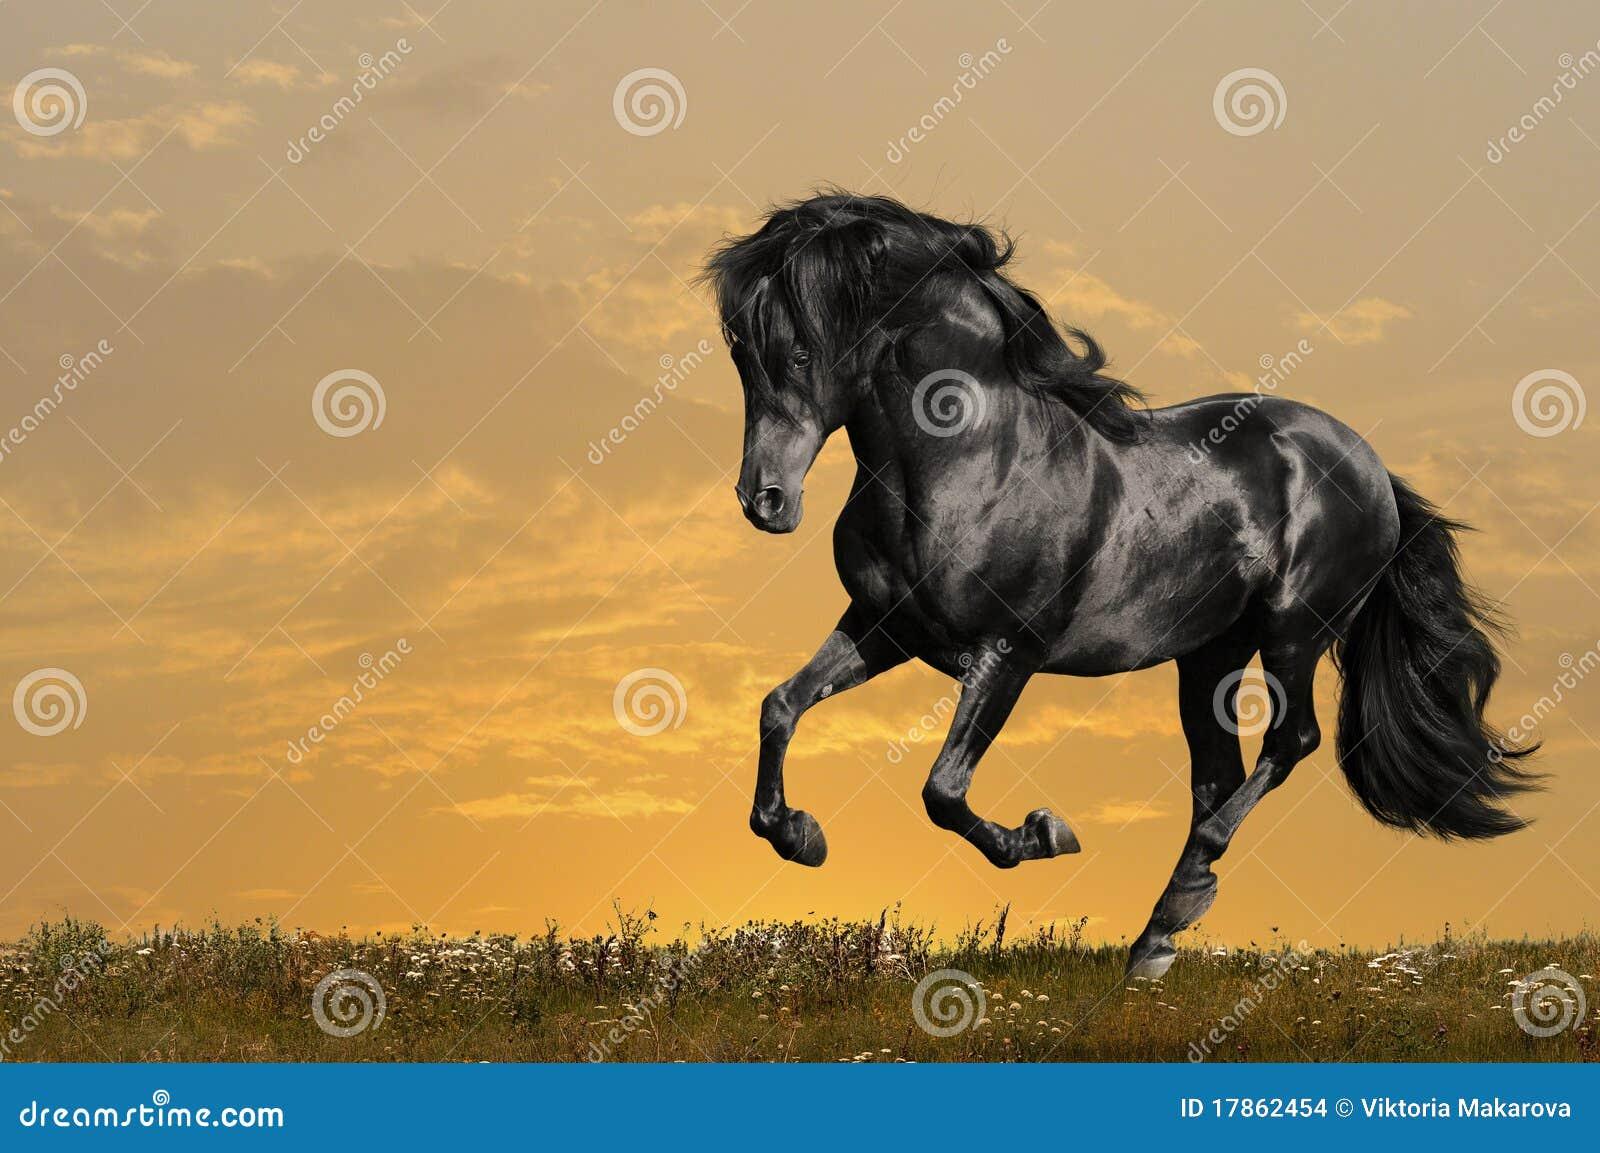 Black horse runs gallop